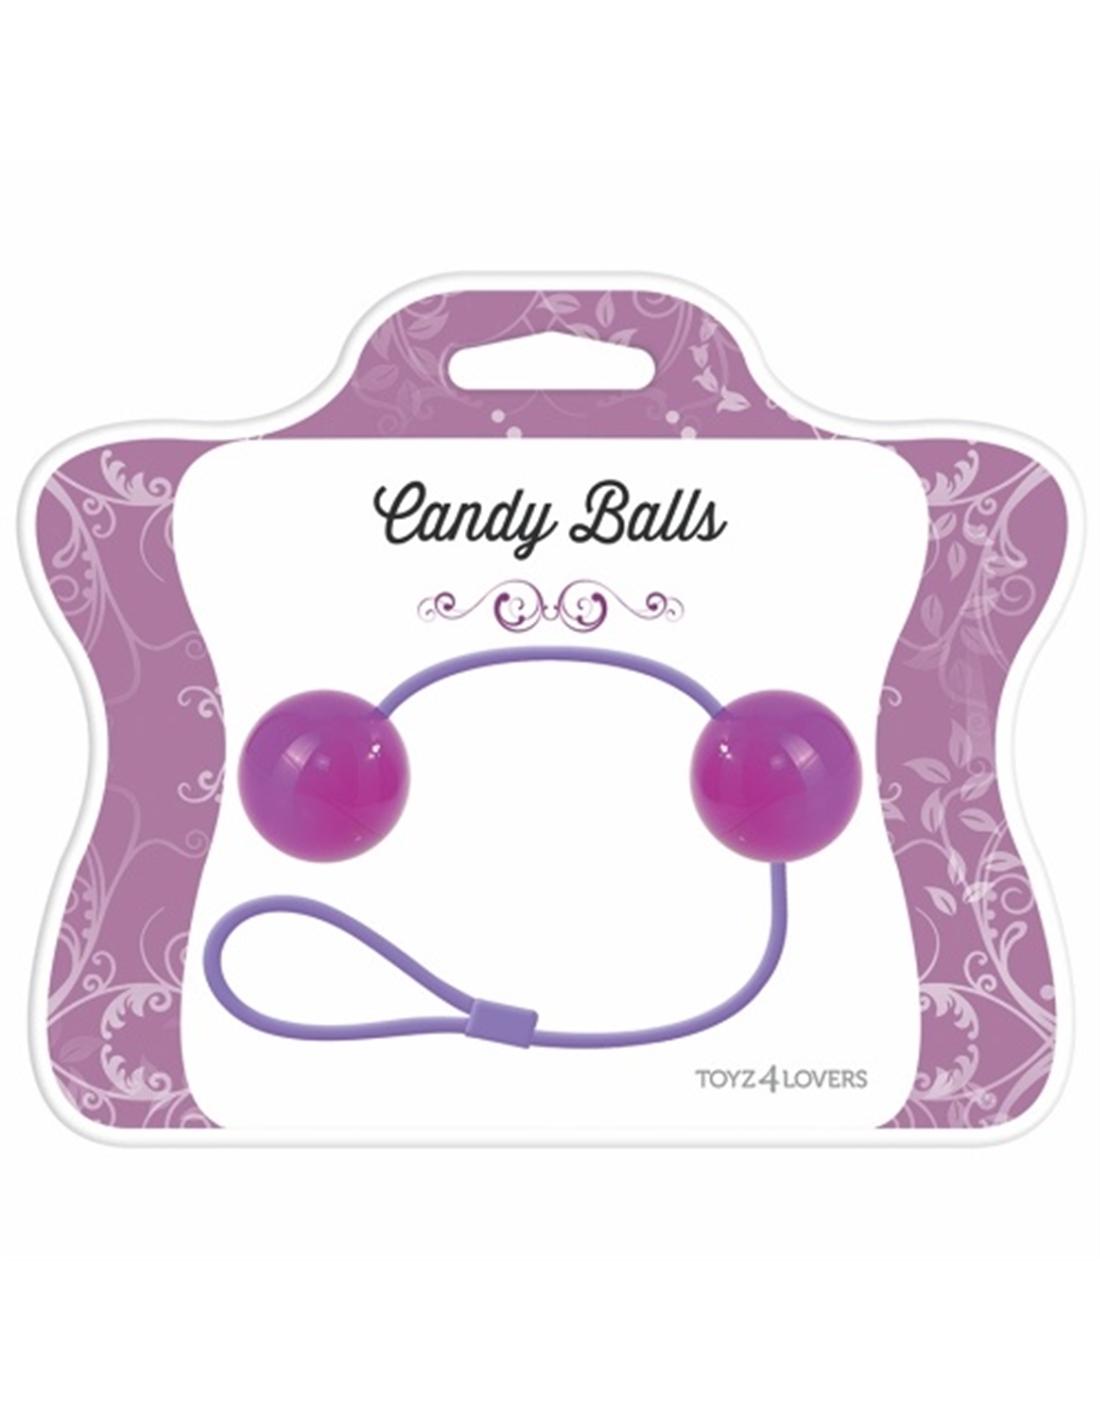 Bolas Vaginais Candy Balls Roxas - PR2010322205